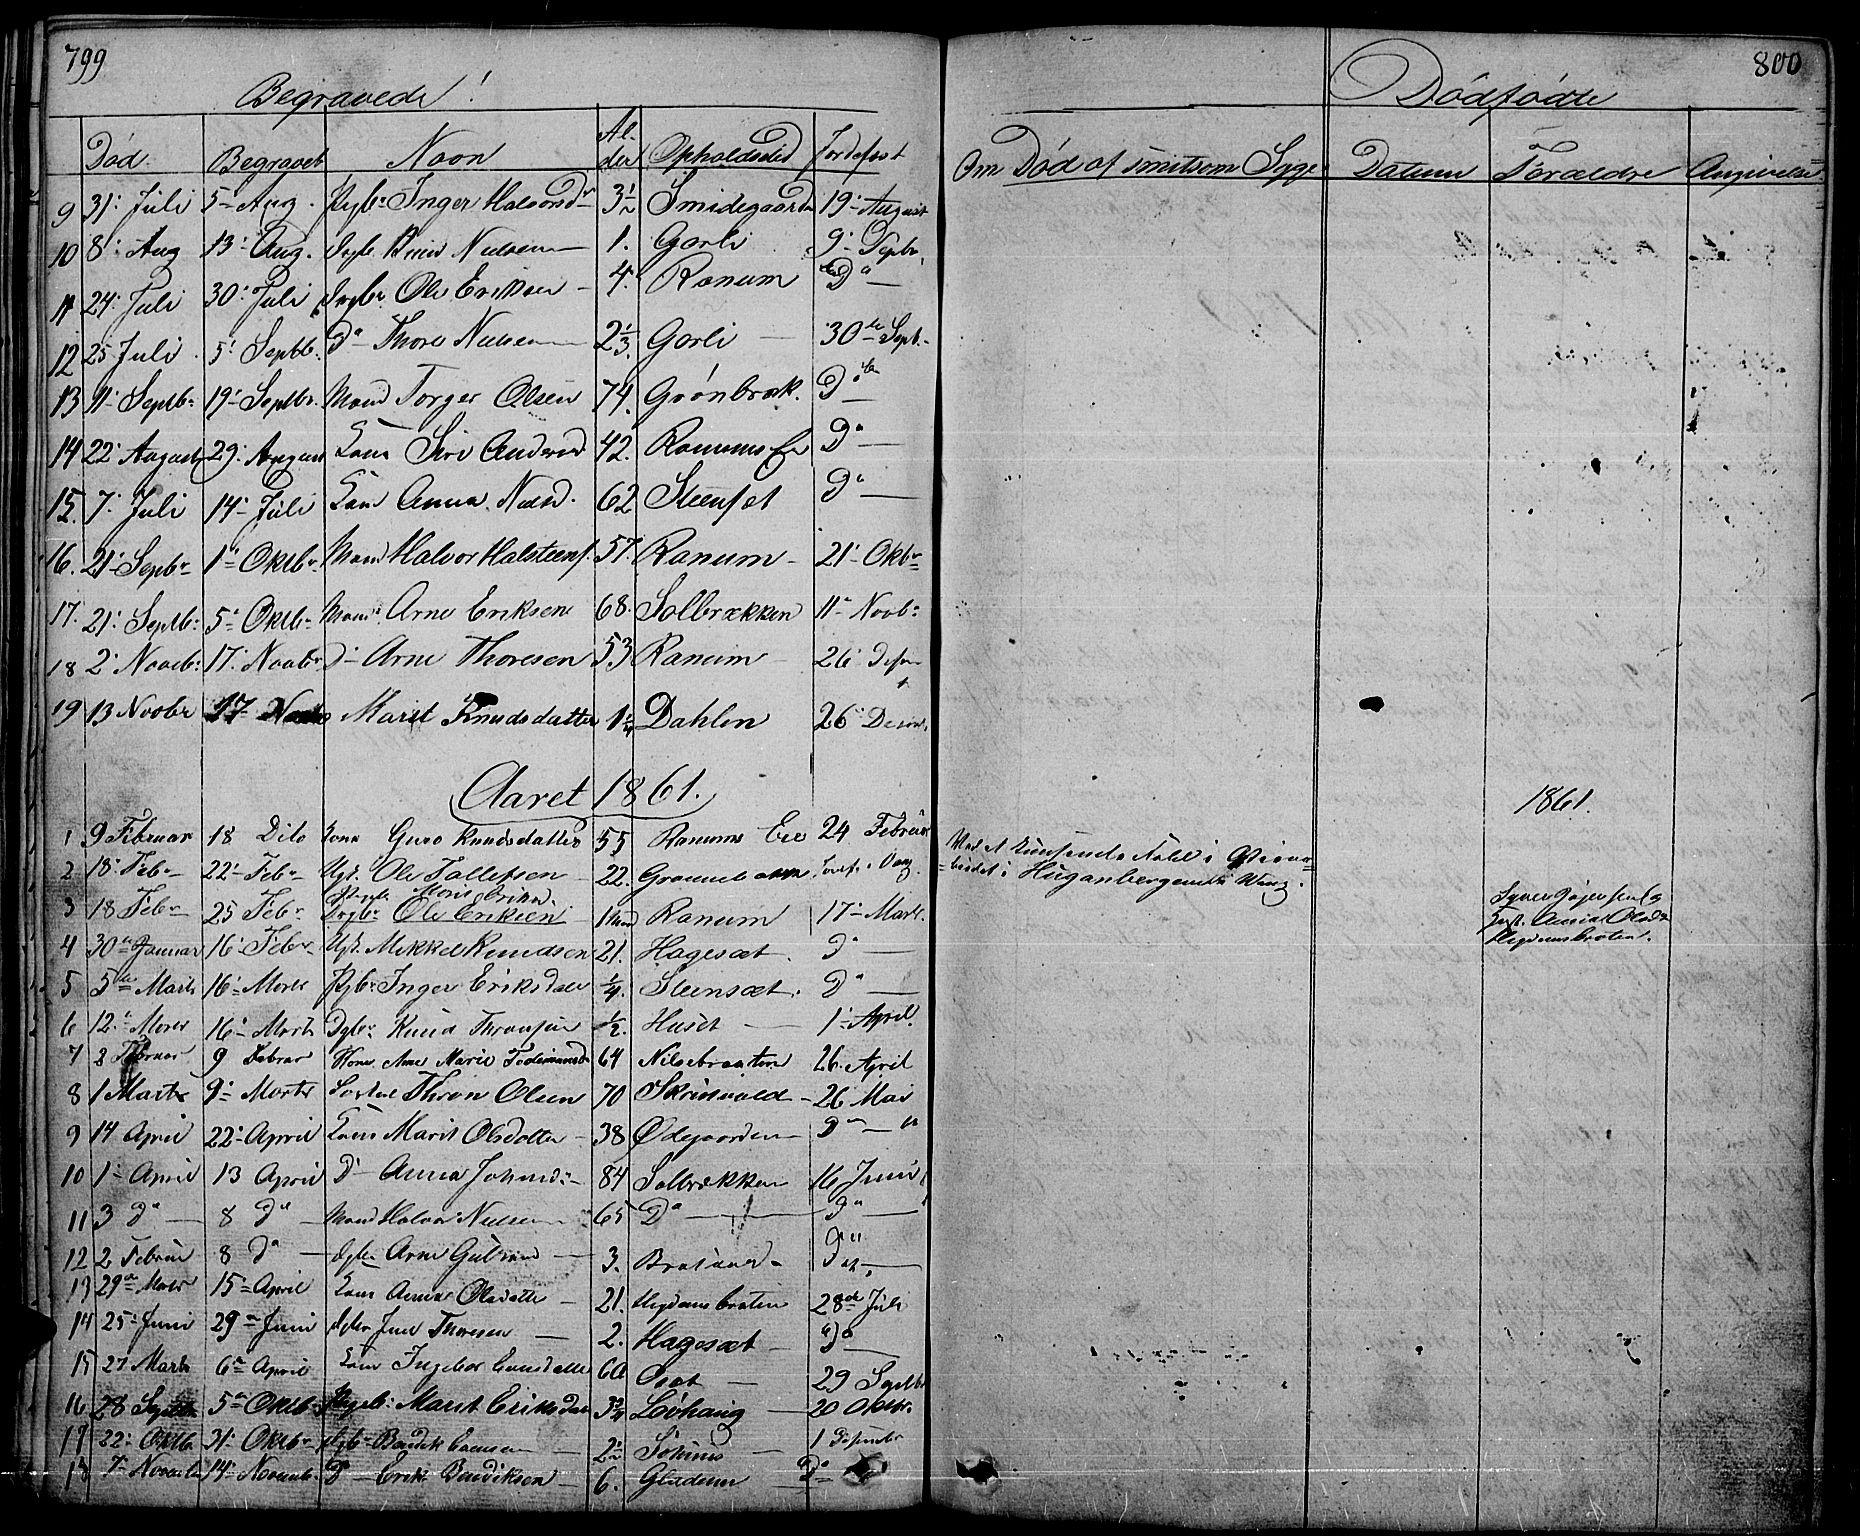 SAH, Nord-Aurdal prestekontor, Klokkerbok nr. 1, 1834-1887, s. 799-800